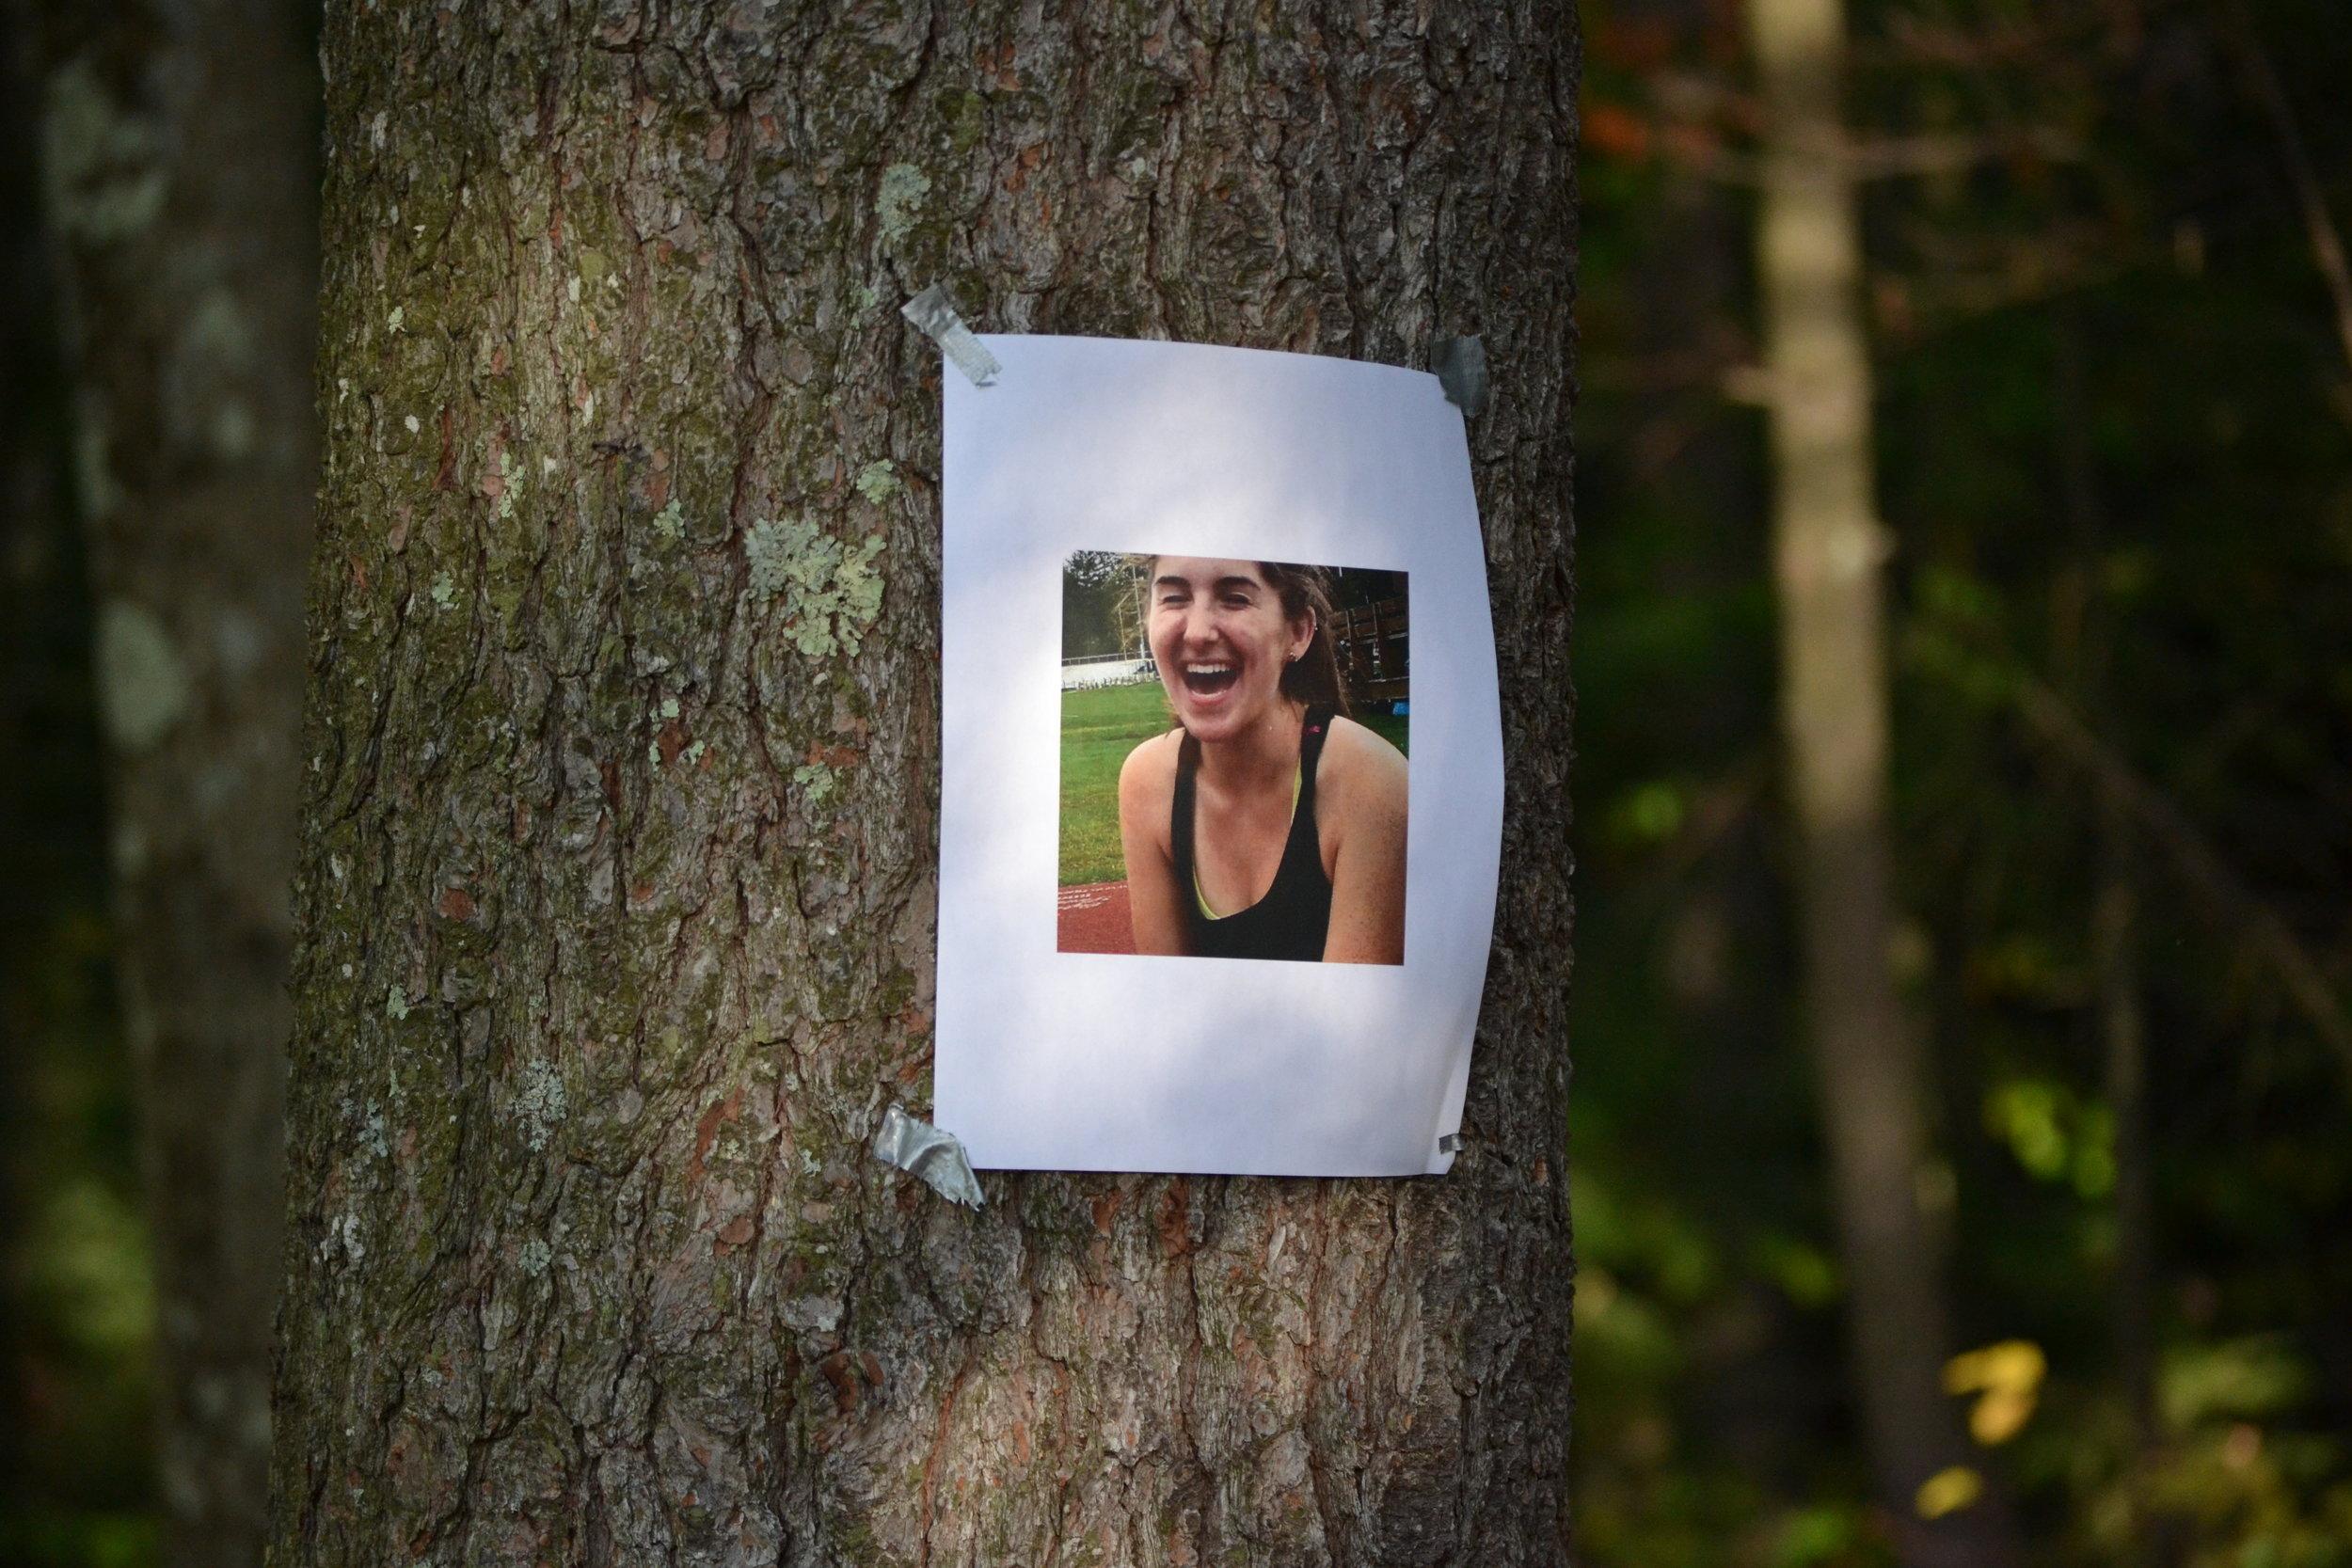 Lo on a Tree